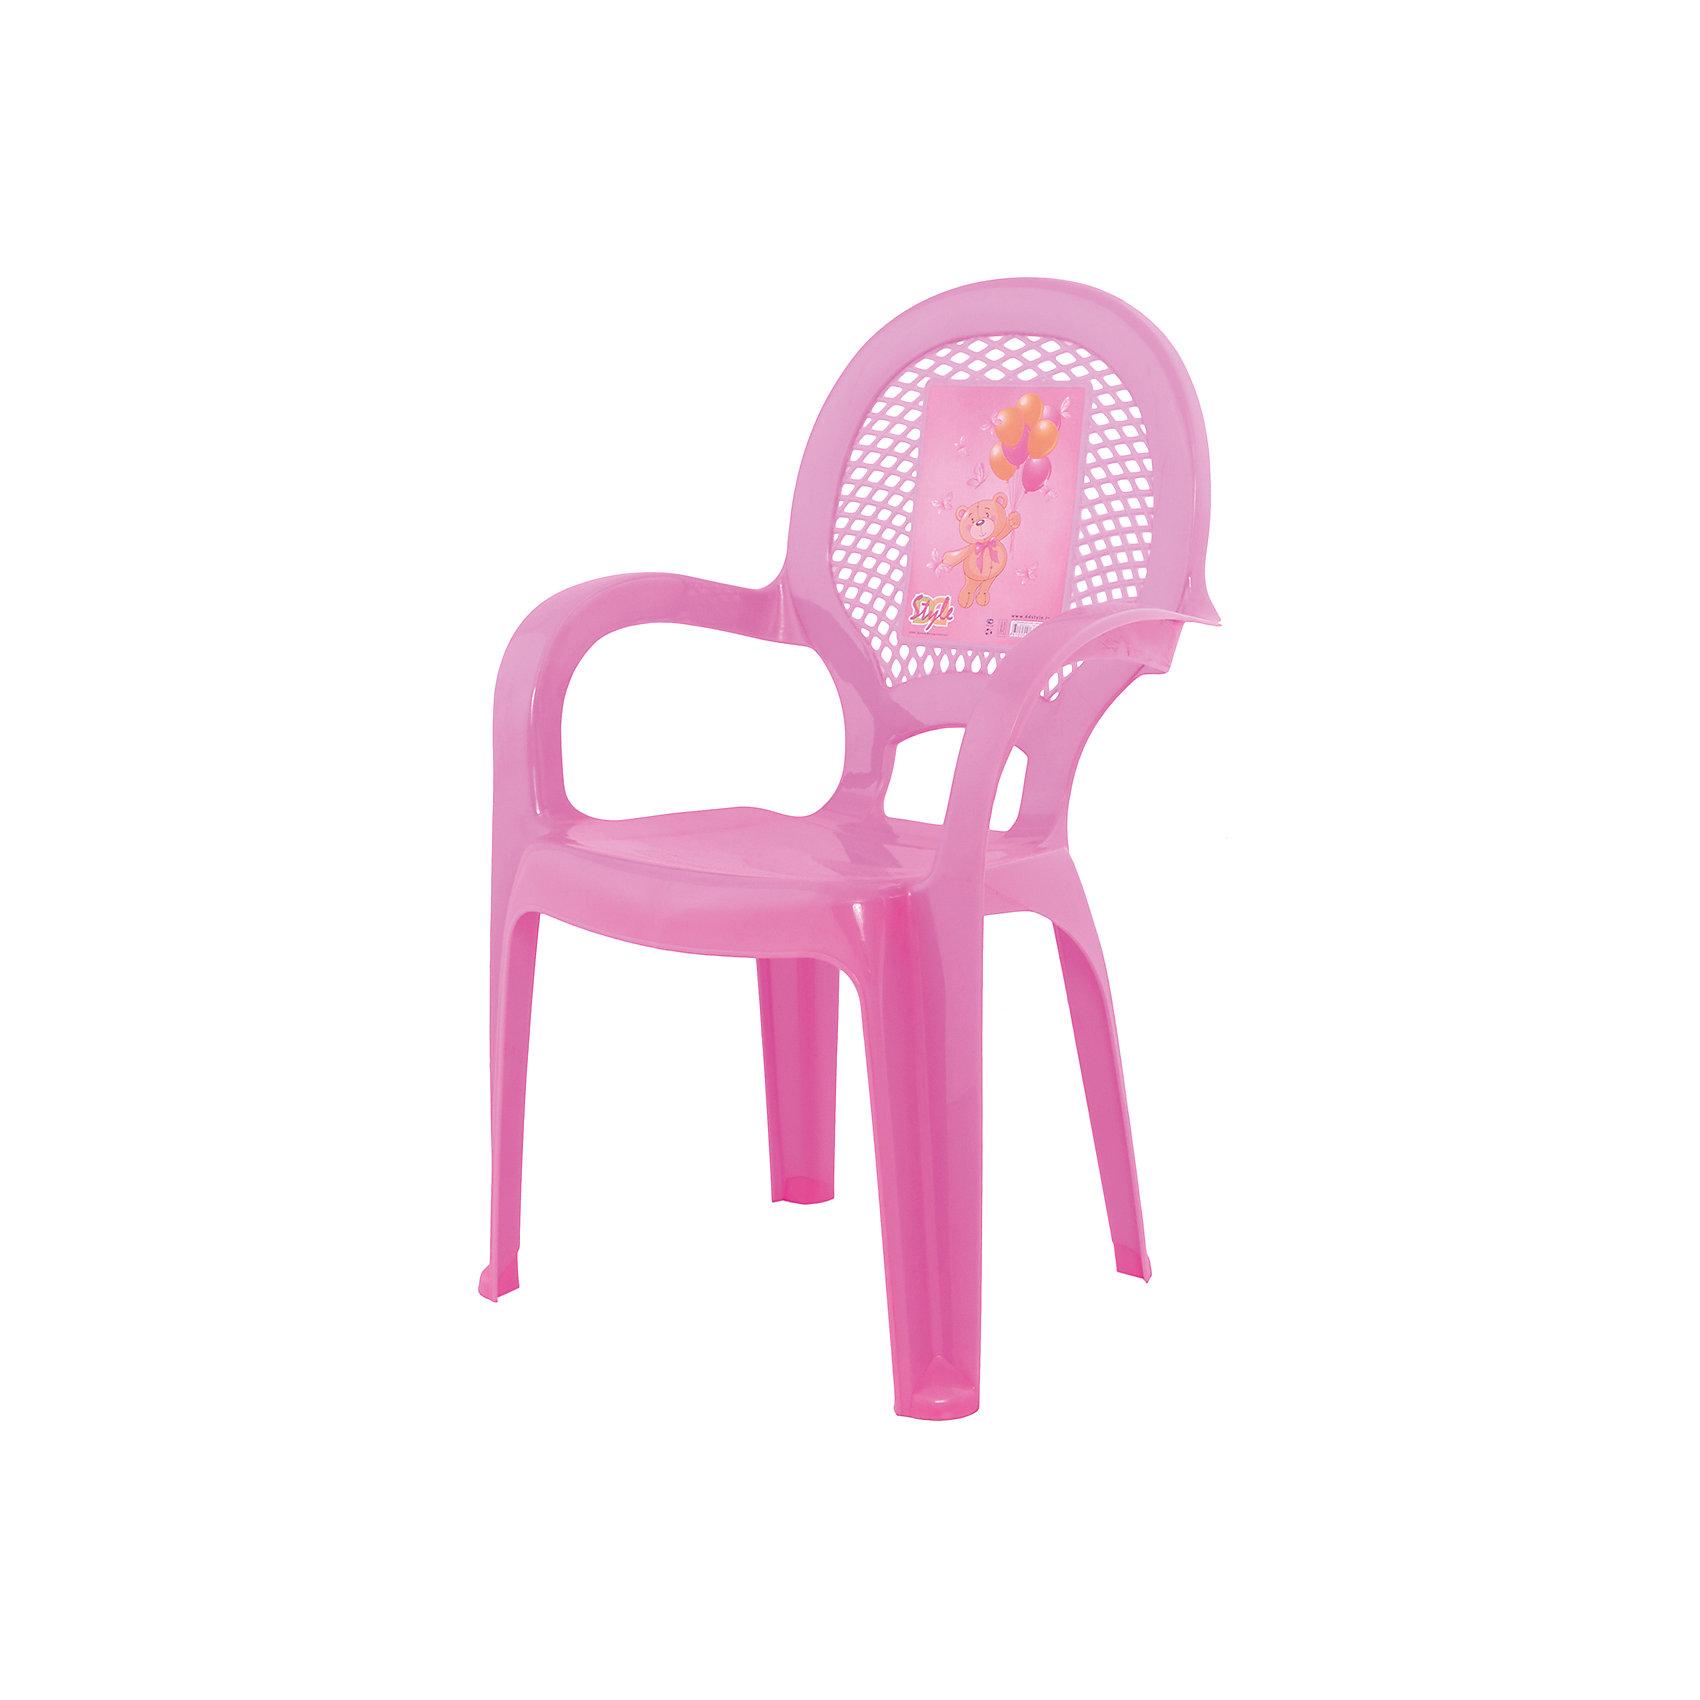 Стул Мишутка, розовыйМебель<br>Яркий, удобный стульчик для вашего малыша. Изделие изготовлено из высококачественной пластмассы с использованием современных технологий. Все условия для комфорта вашего малыша: спинка высокая, на спинке имеется рисунок, спинка сетчатая, эргономичные подлокотники, форма компактная и удобная для хранения - стулья можно составить один в другой, легко моется водой с любым моющим средством. <br><br>Дополнительная информация:<br><br>Материал: пластик.<br>Размер: высота - 55 см.<br>Цвет: розовый.<br><br><br>Детский стульчик с рисунком в розовом цвете, можно купить в нашем магазине.<br><br>Ширина мм: 9999<br>Глубина мм: 9999<br>Высота мм: 9999<br>Вес г: 600<br>Возраст от месяцев: 24<br>Возраст до месяцев: 84<br>Пол: Унисекс<br>Возраст: Детский<br>SKU: 6767437